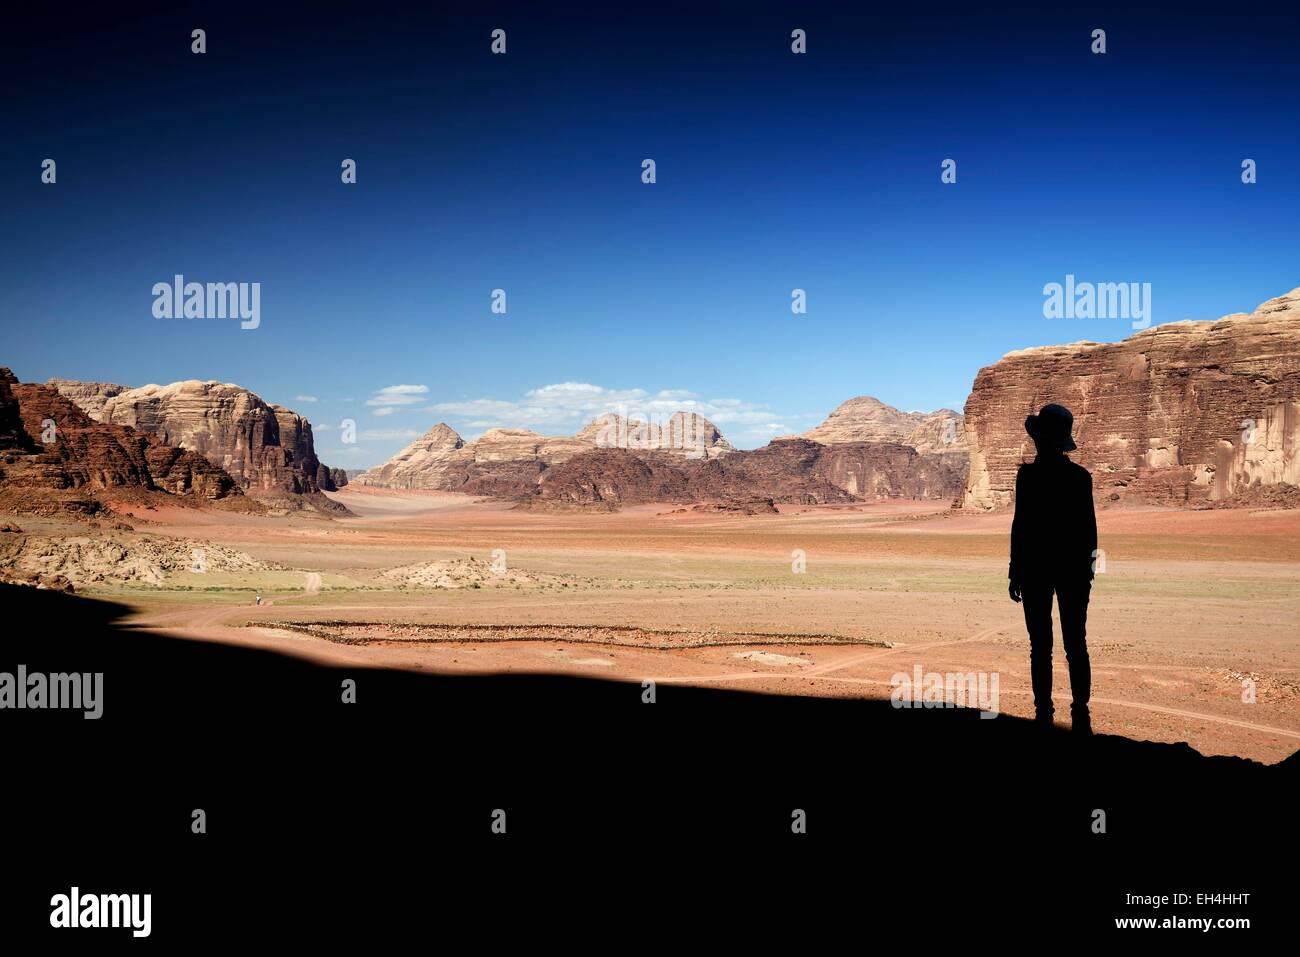 Jordania, Wadi Rum desert, espacio protegido catalogado como Patrimonio Mundial por la UNESCO, la silueta de una Imagen De Stock